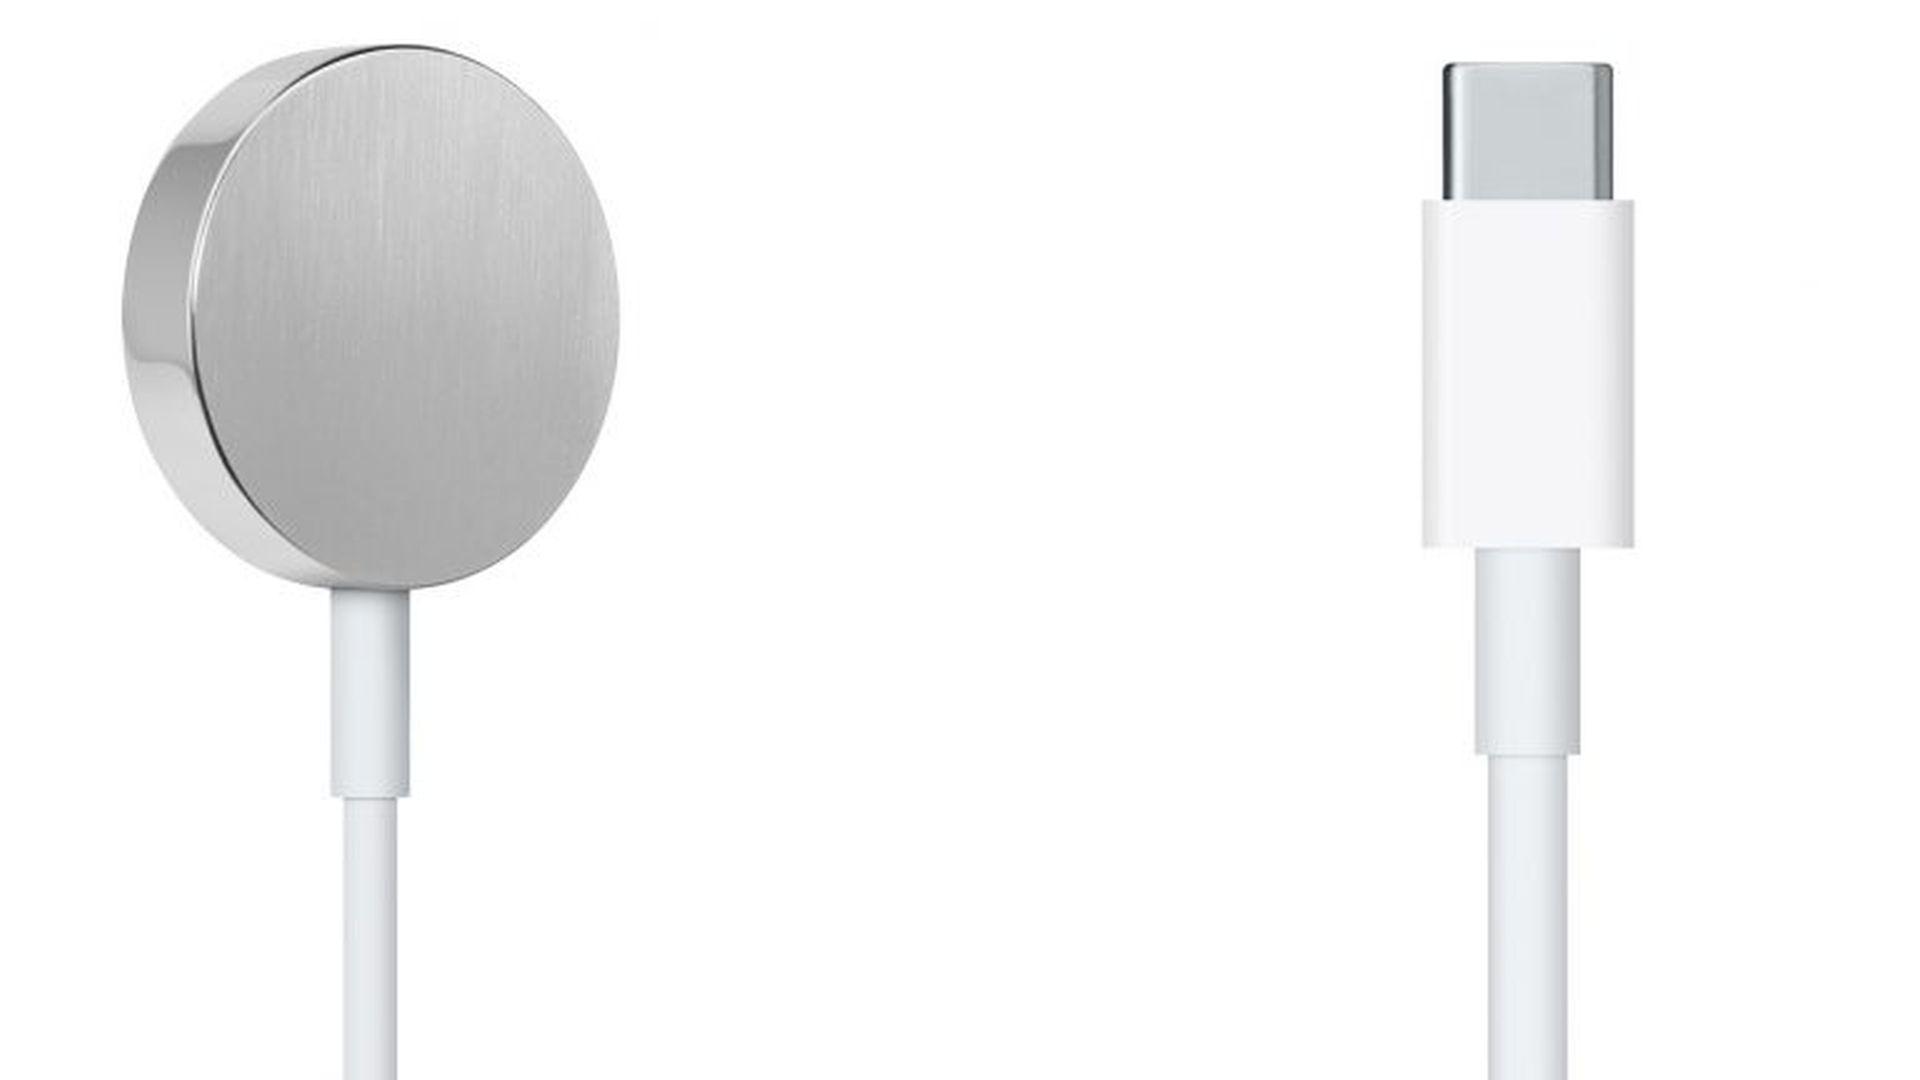 Apple sprzedaje nowy przewód USB-C do ładowania Apple Watch